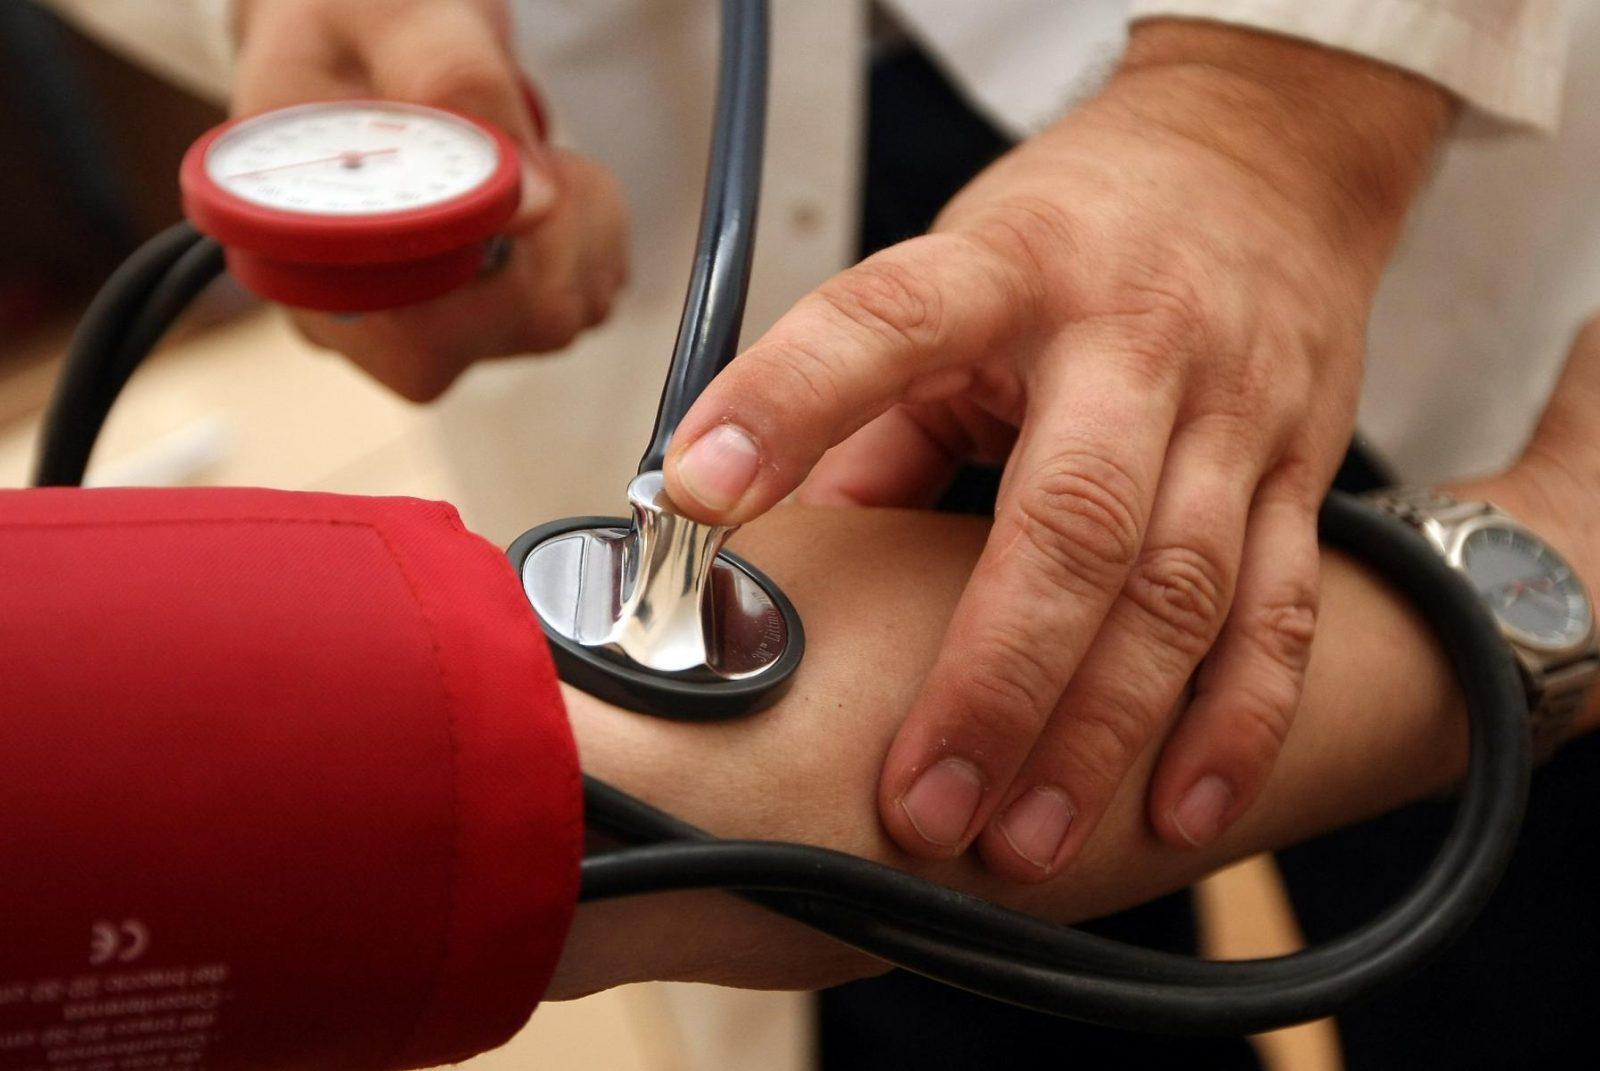 hogyan lehet megszabadulni a magas vérnyomás elleni gyógyszerektől